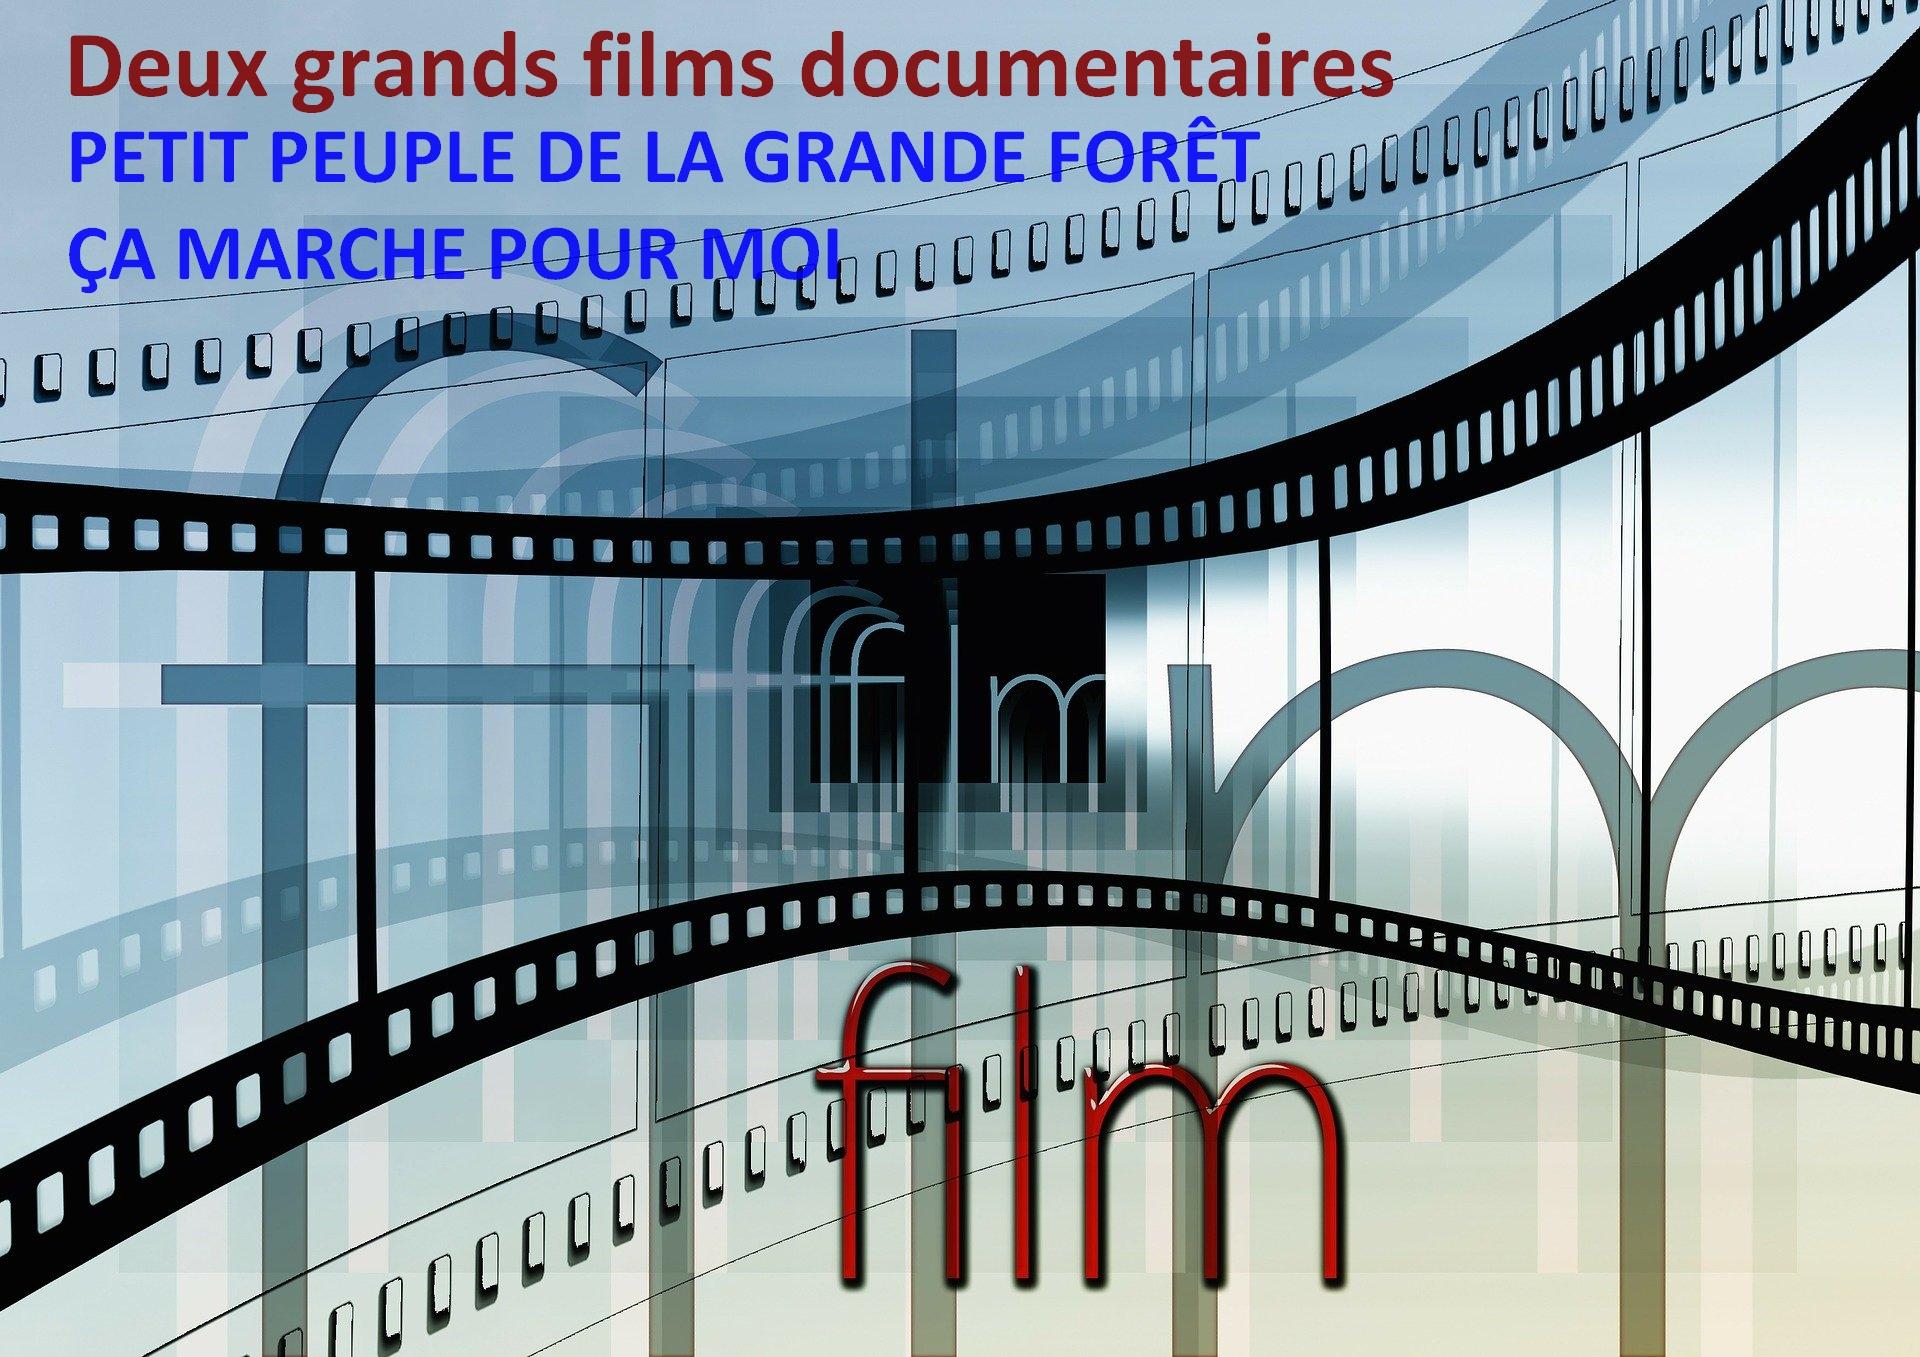 Les deux grands films documentaires